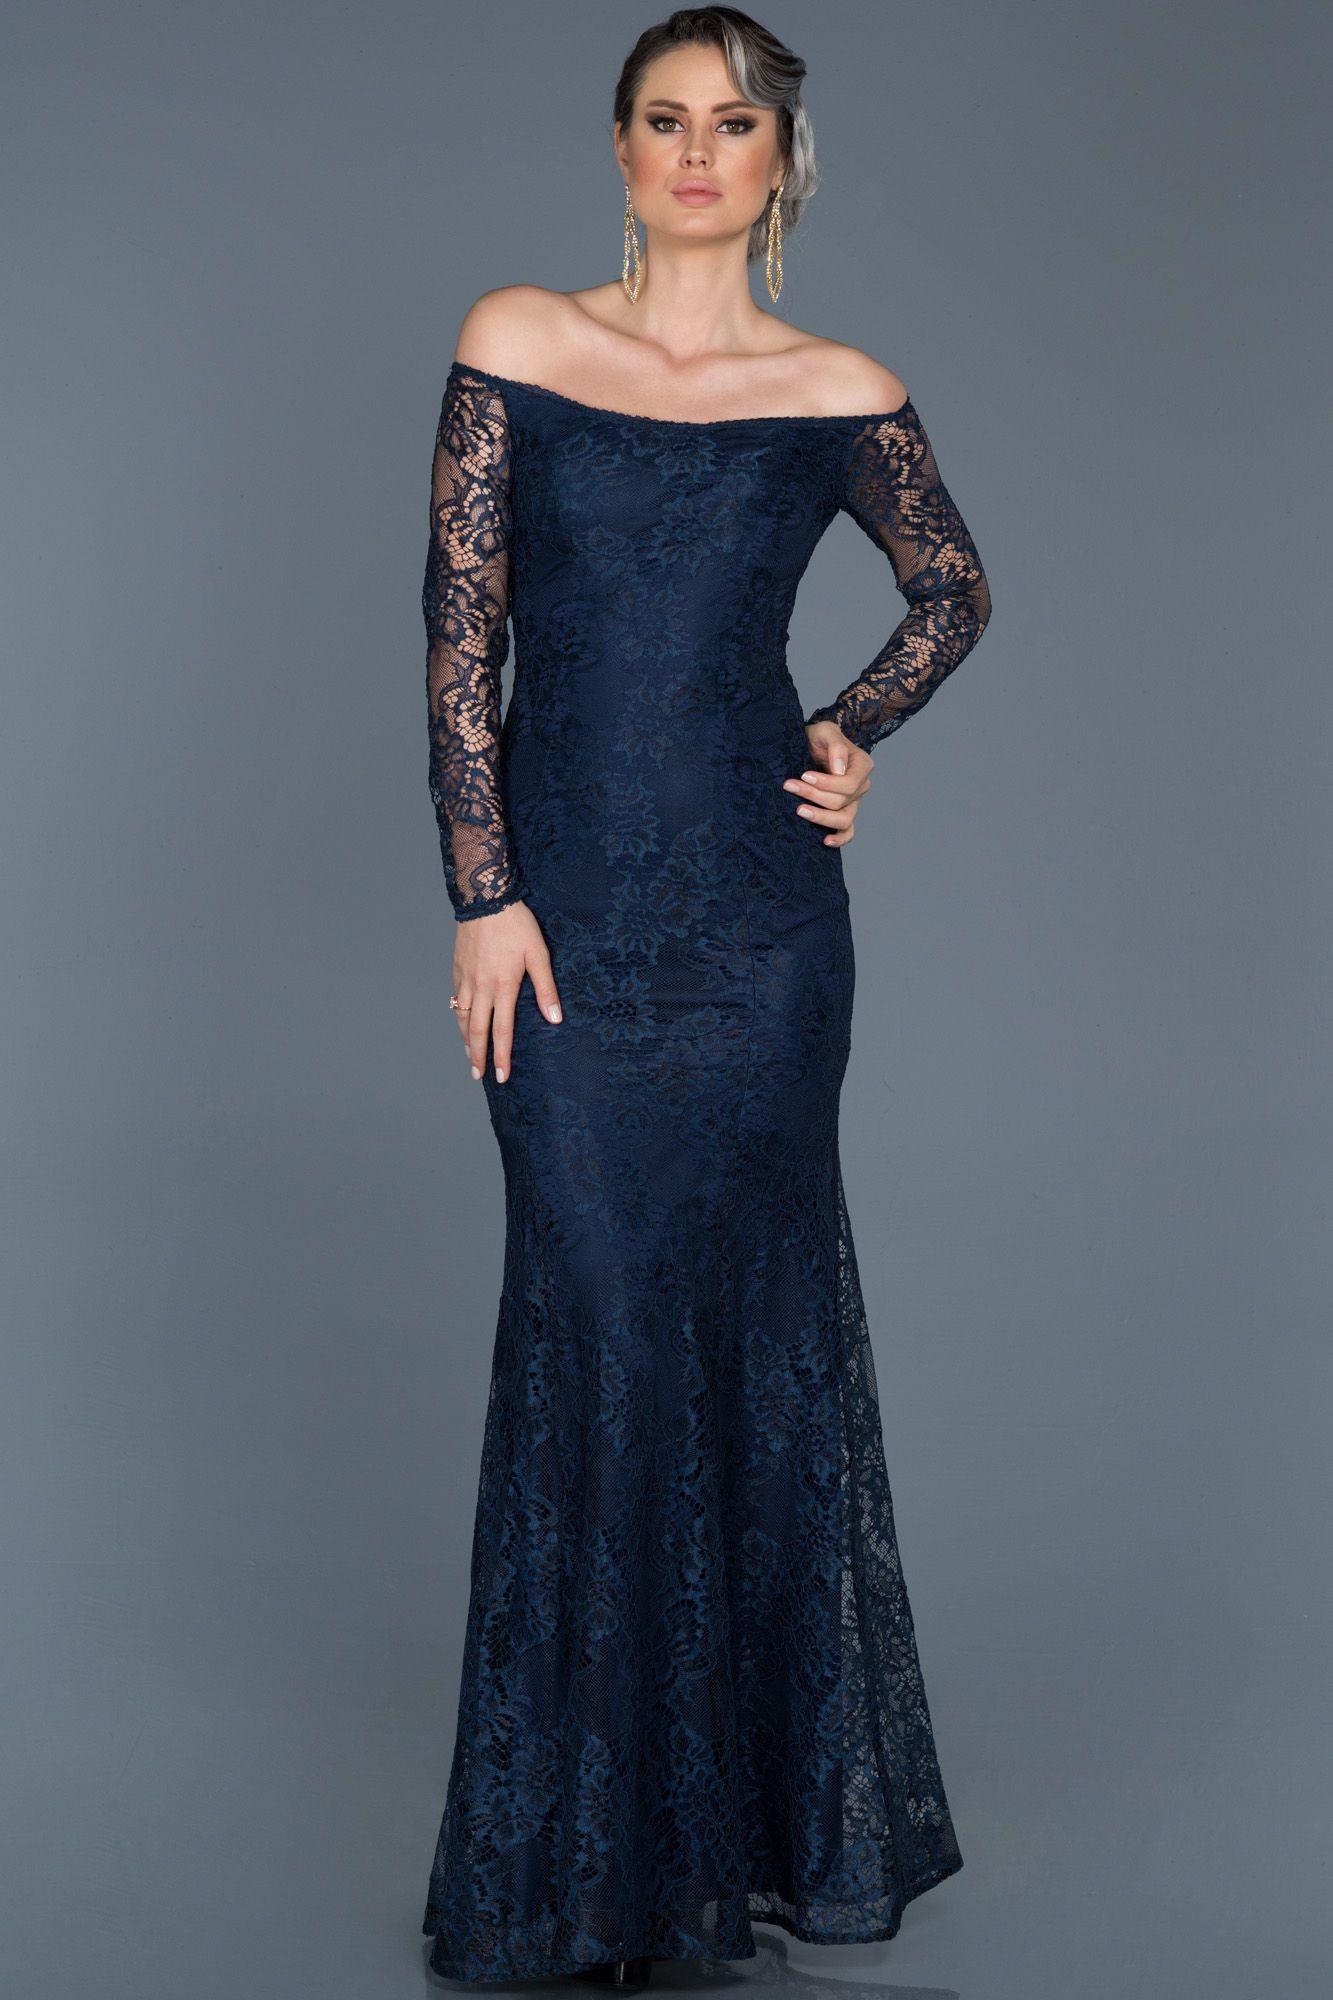 Lacivert Uzun Kollu Dantelli Balik Abiye Abu011 Elbise Modelleri Elbise The Dress